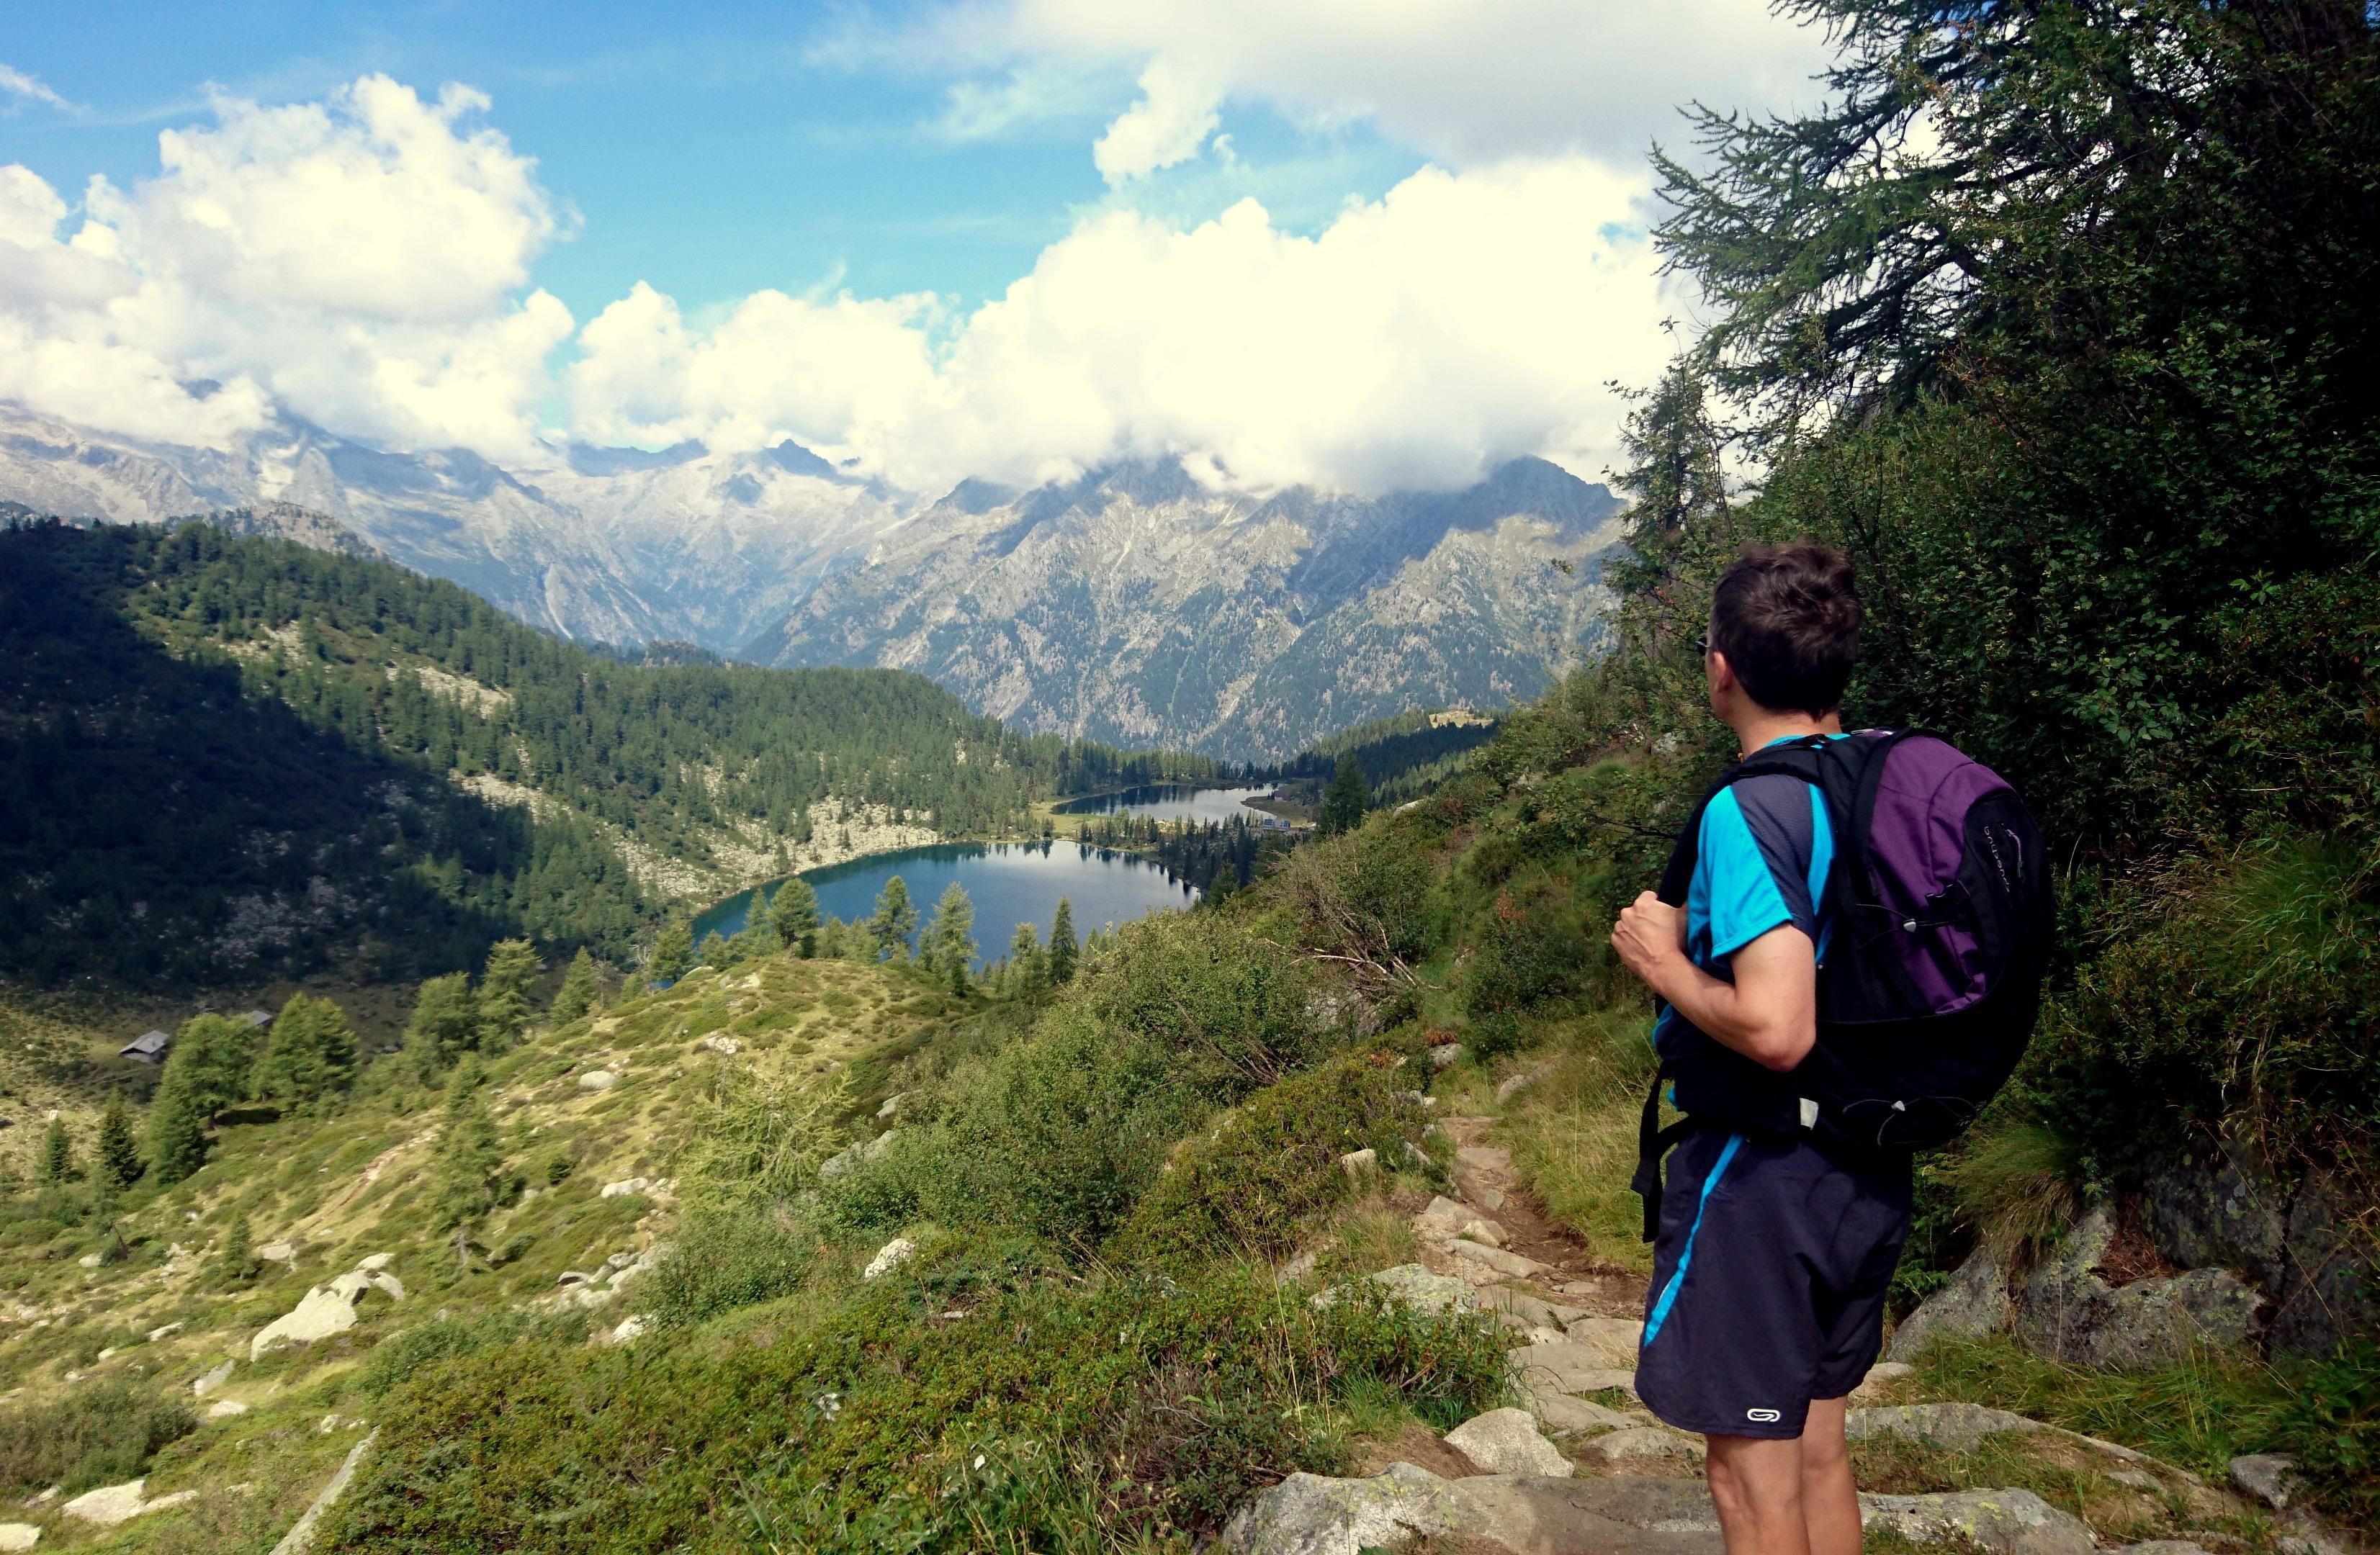 Mio fratello nei della forcella guarda un'ultima volta il bel paesaggio di questo versante